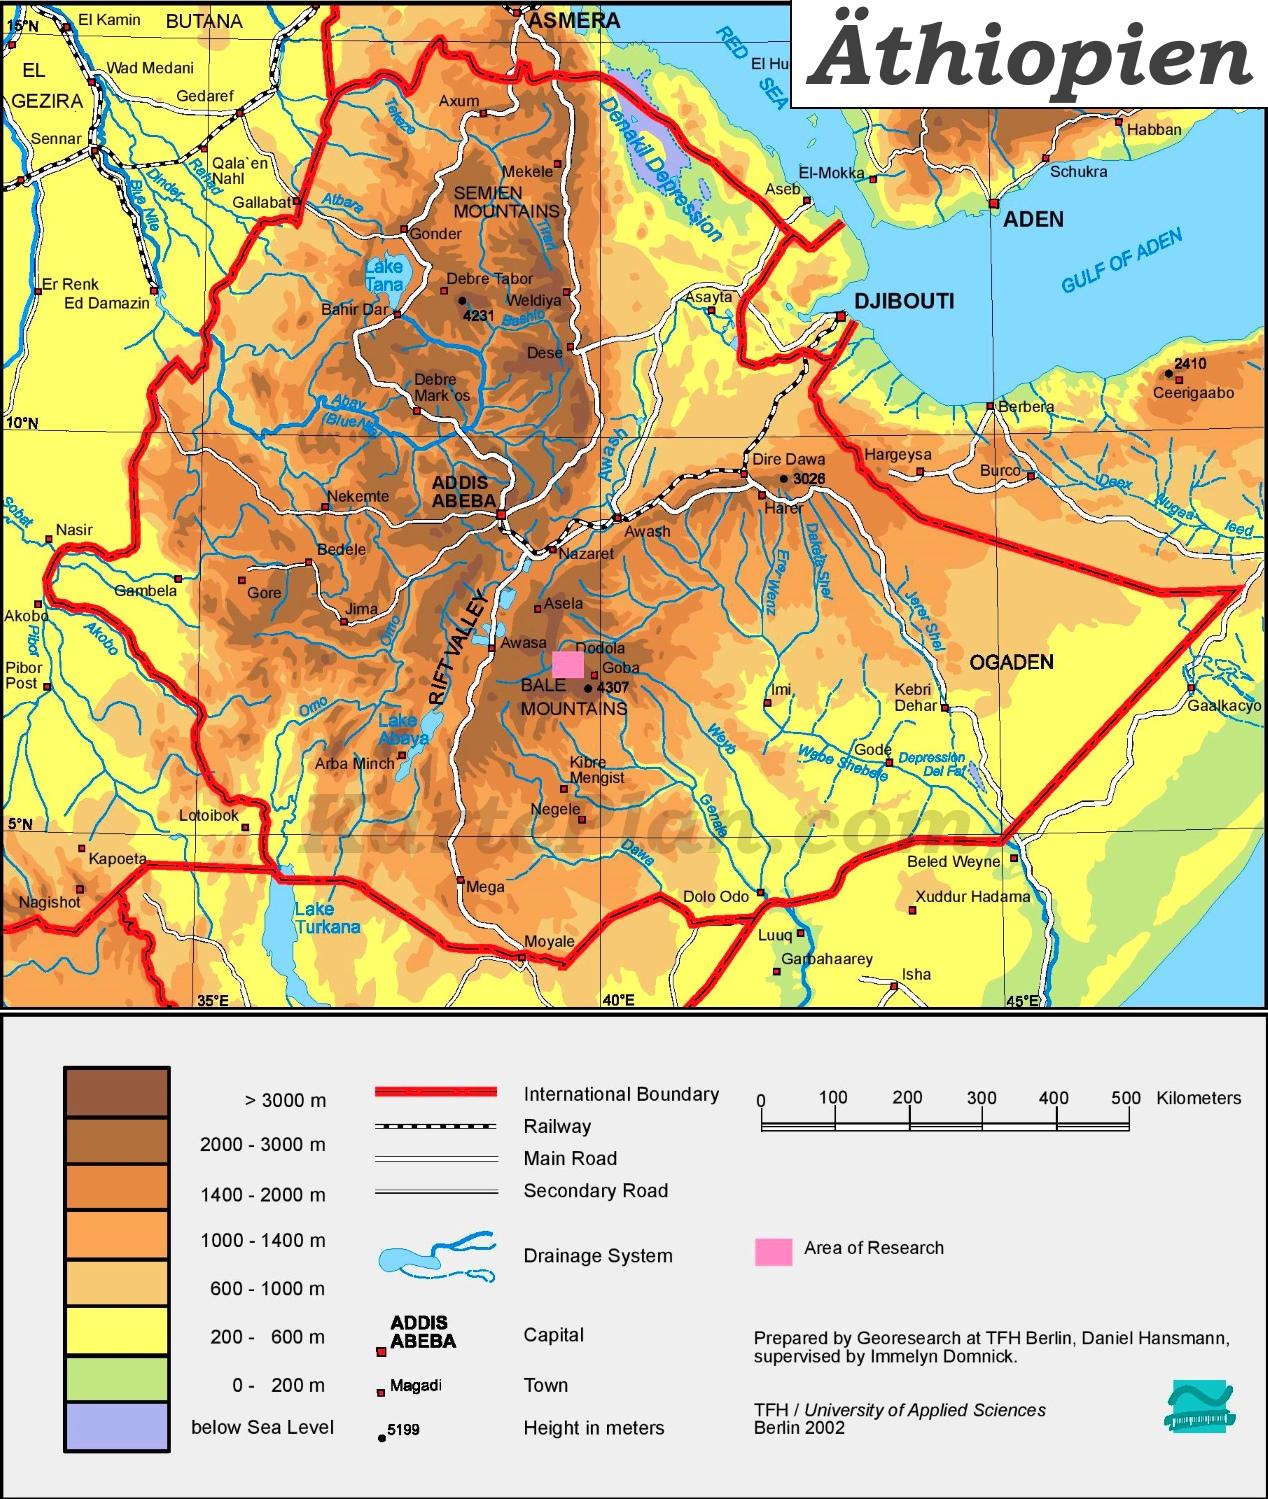 äthiopien karte Physische landkarte von Äthiopien